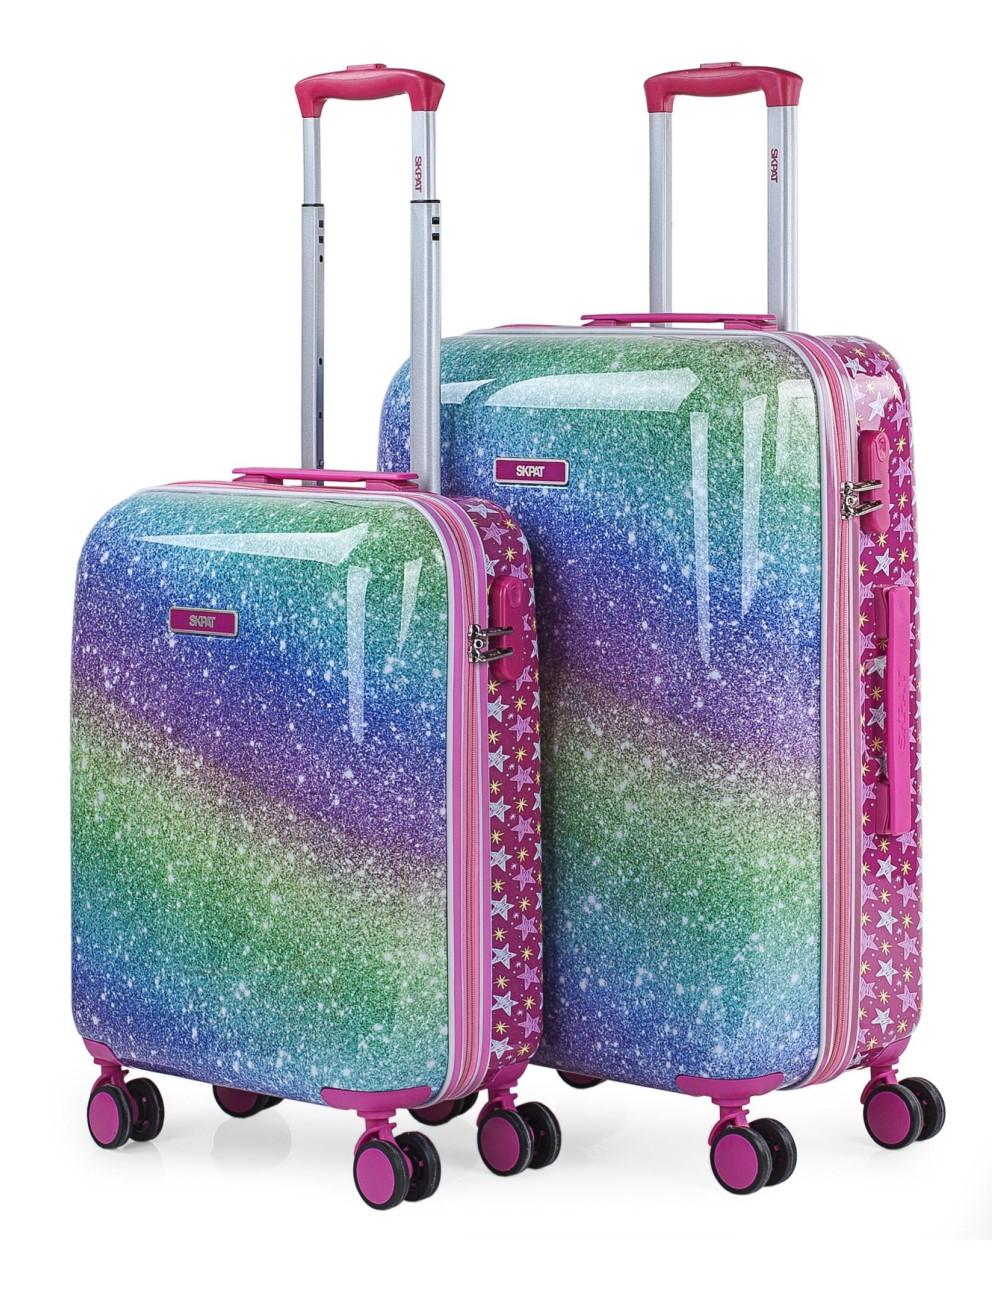 131300 Juego maletas cabina y mediana Skpat Star